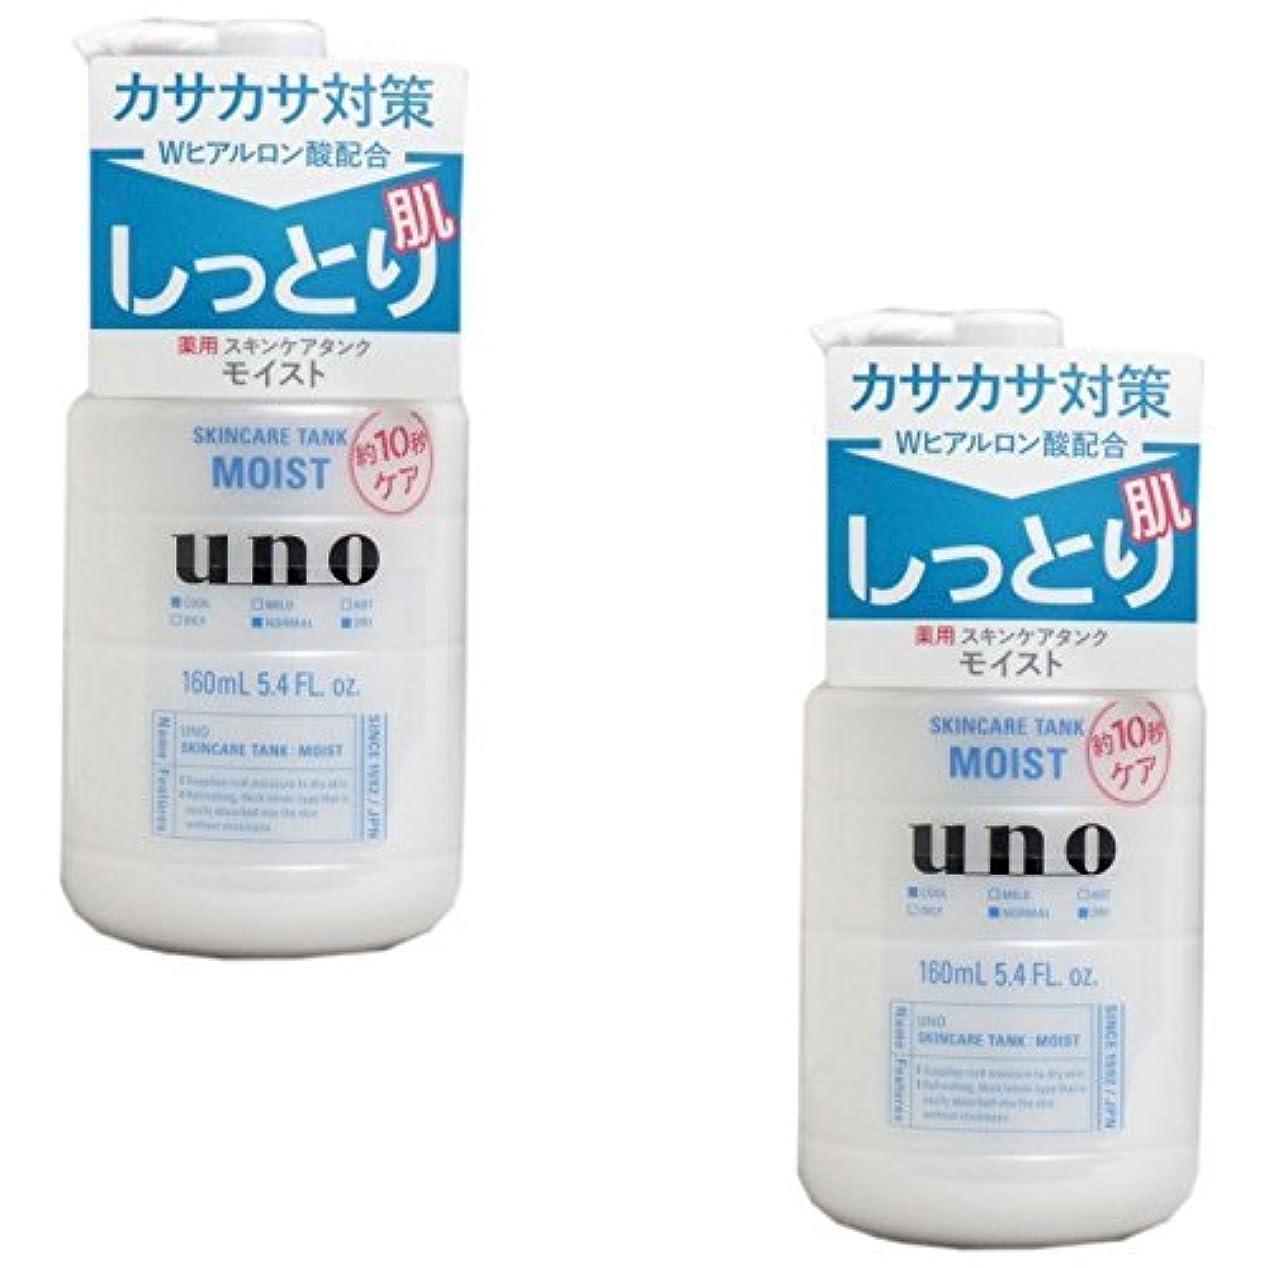 退化するピックまだ【資生堂】ウーノ(uno) スキンケアタンク (しっとり) 160mL ×2個セット